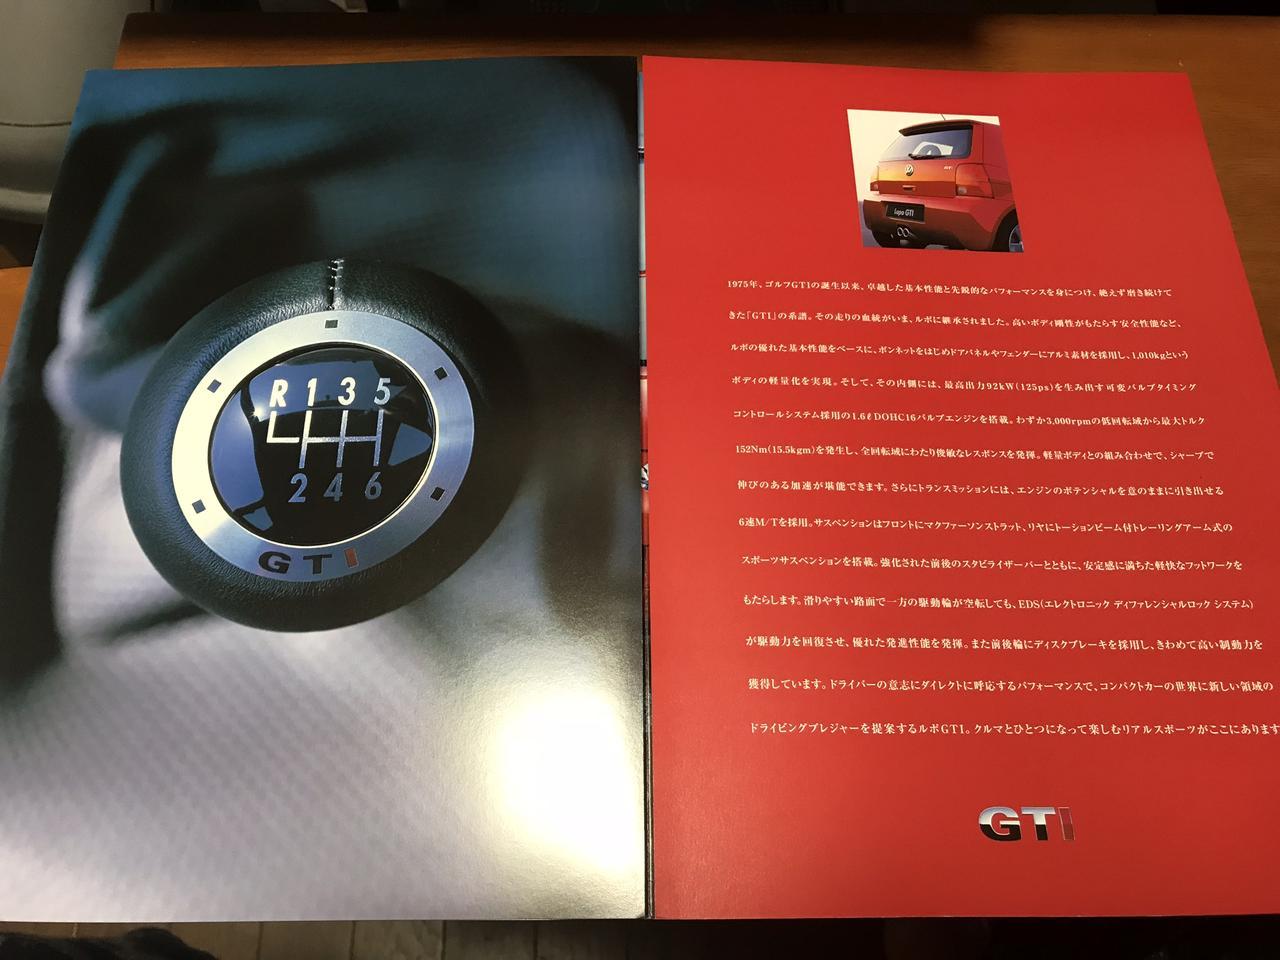 画像2: 懐カタログ'03「フォルクスワーゲン ルポ GTI」